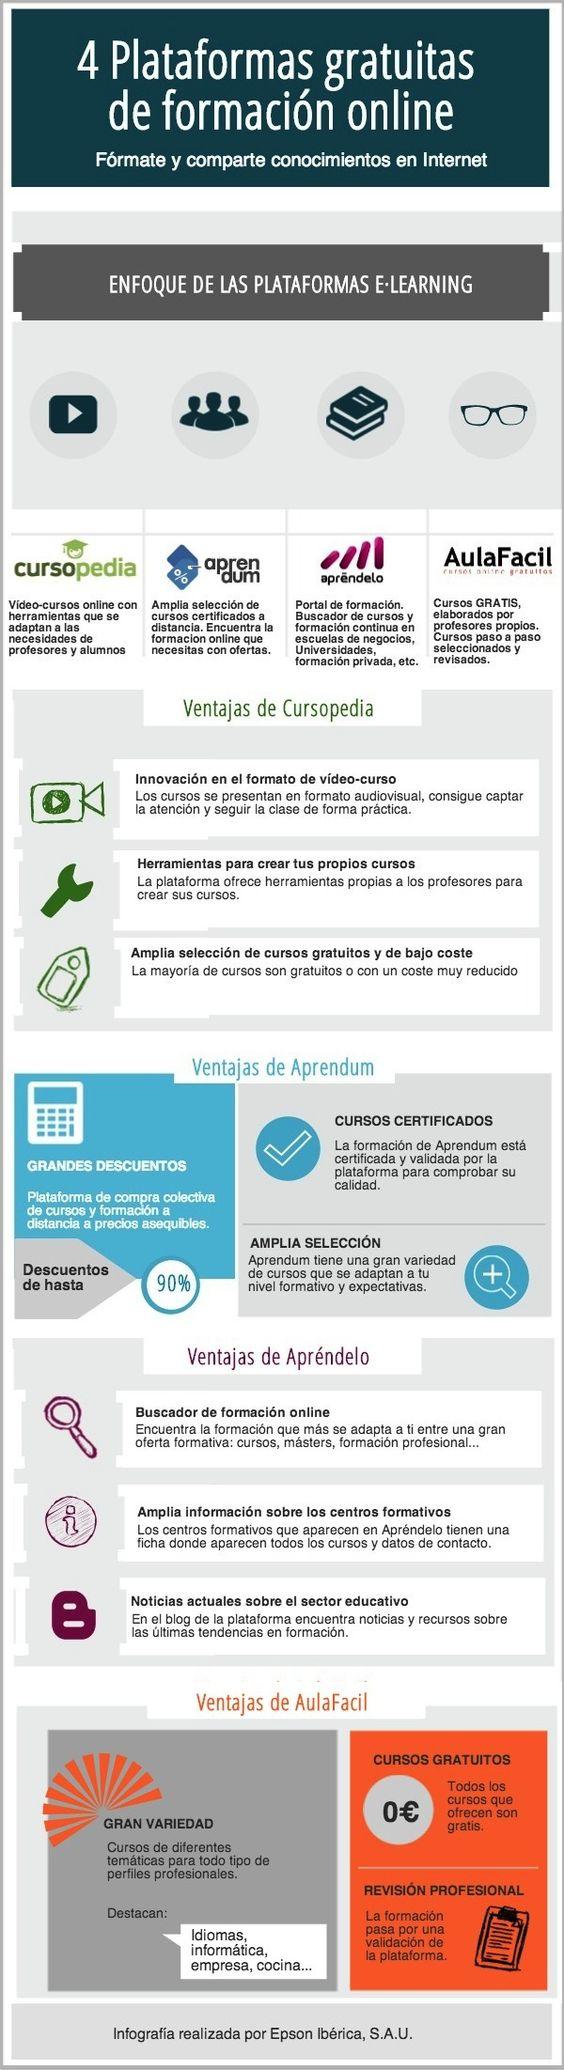 4 plataformas gratuitas de formación online #infografia #infographic #education